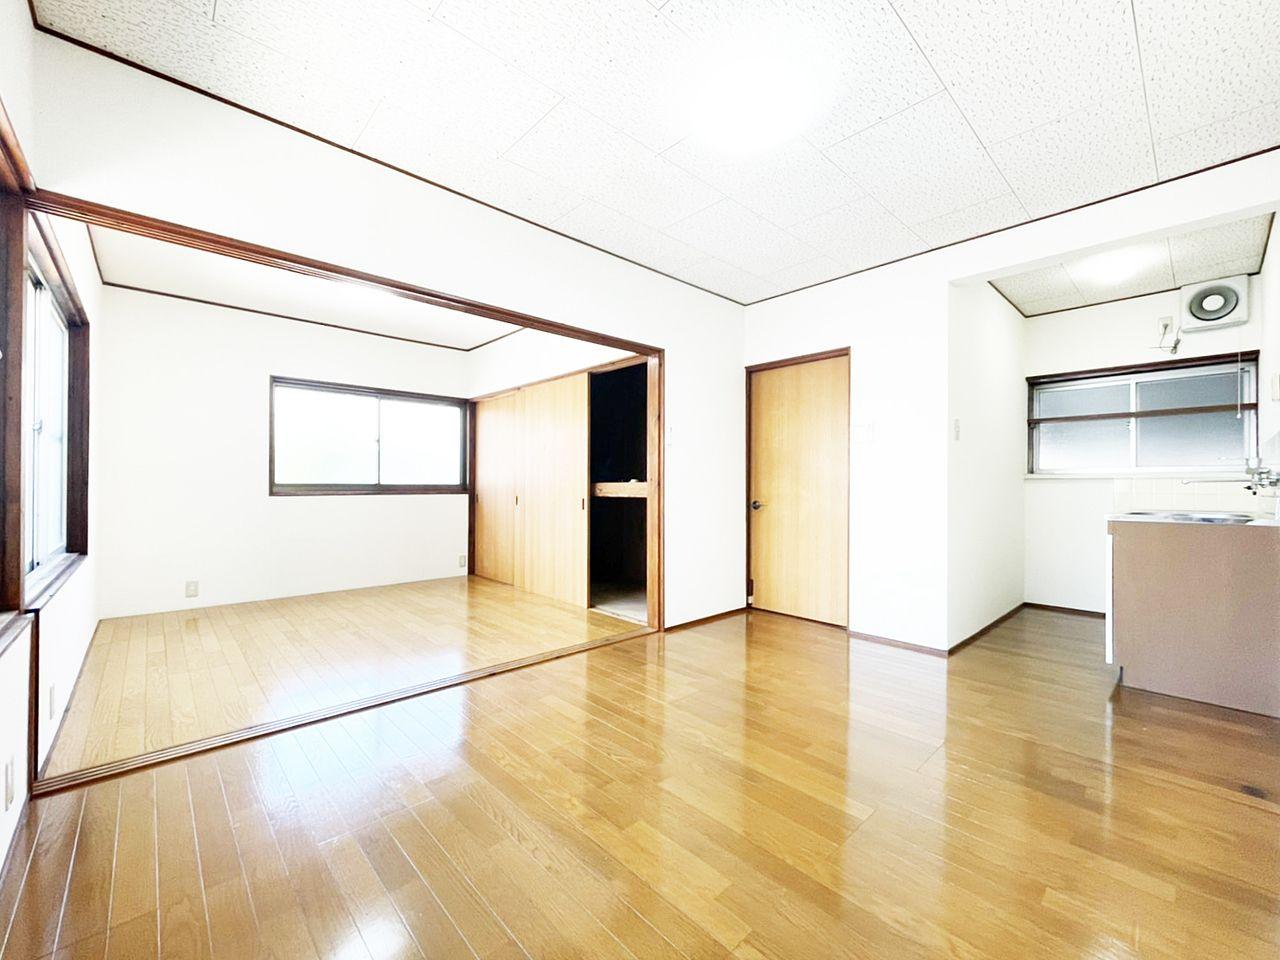 DKと洋室をひと間と考えればビッグなワンルーム!仕切りがないので模様替えも楽しめそう。